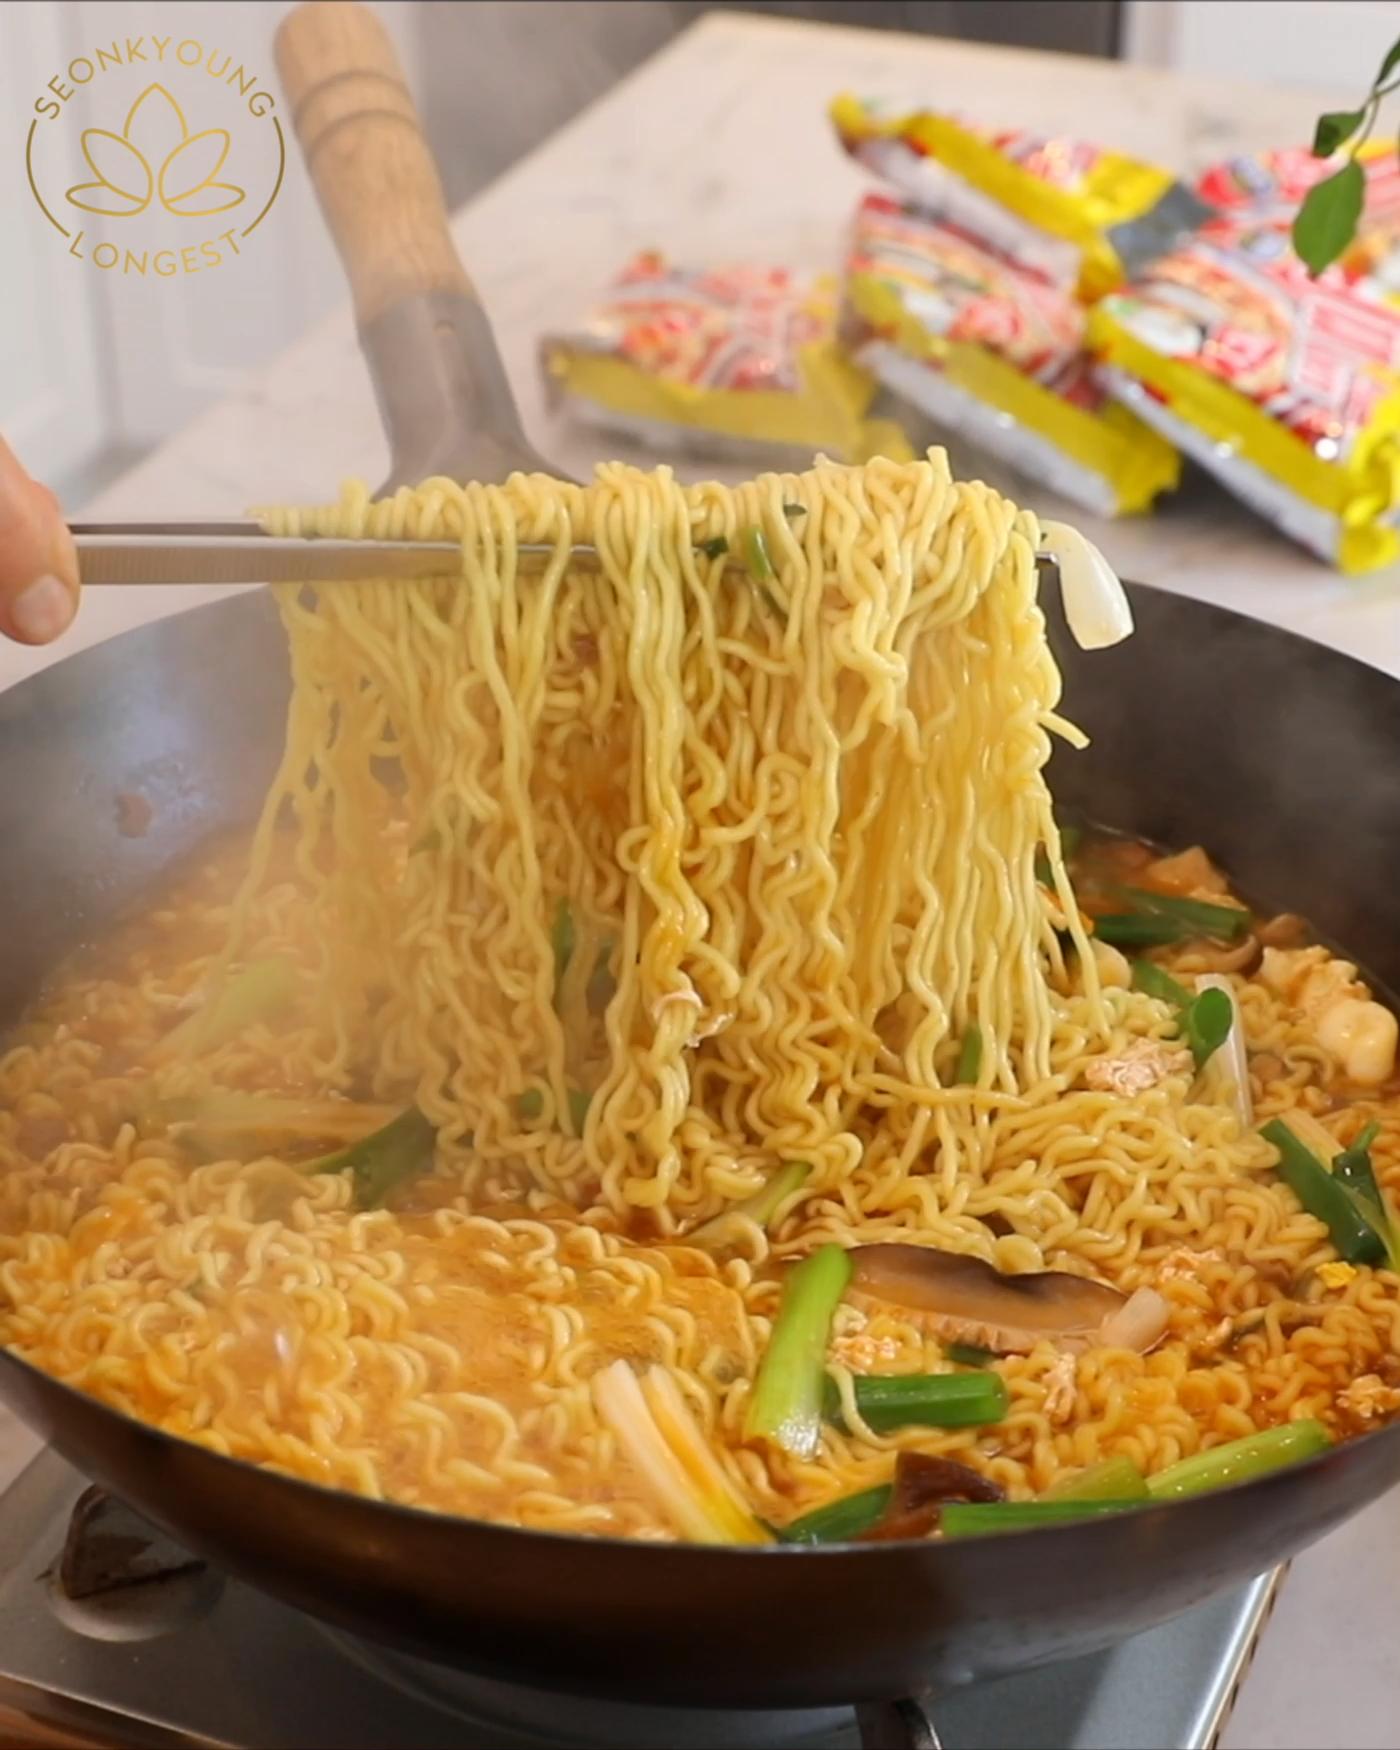 HOW TO COOK KOREAN RAMEN HACK RECIPE & VIDEO